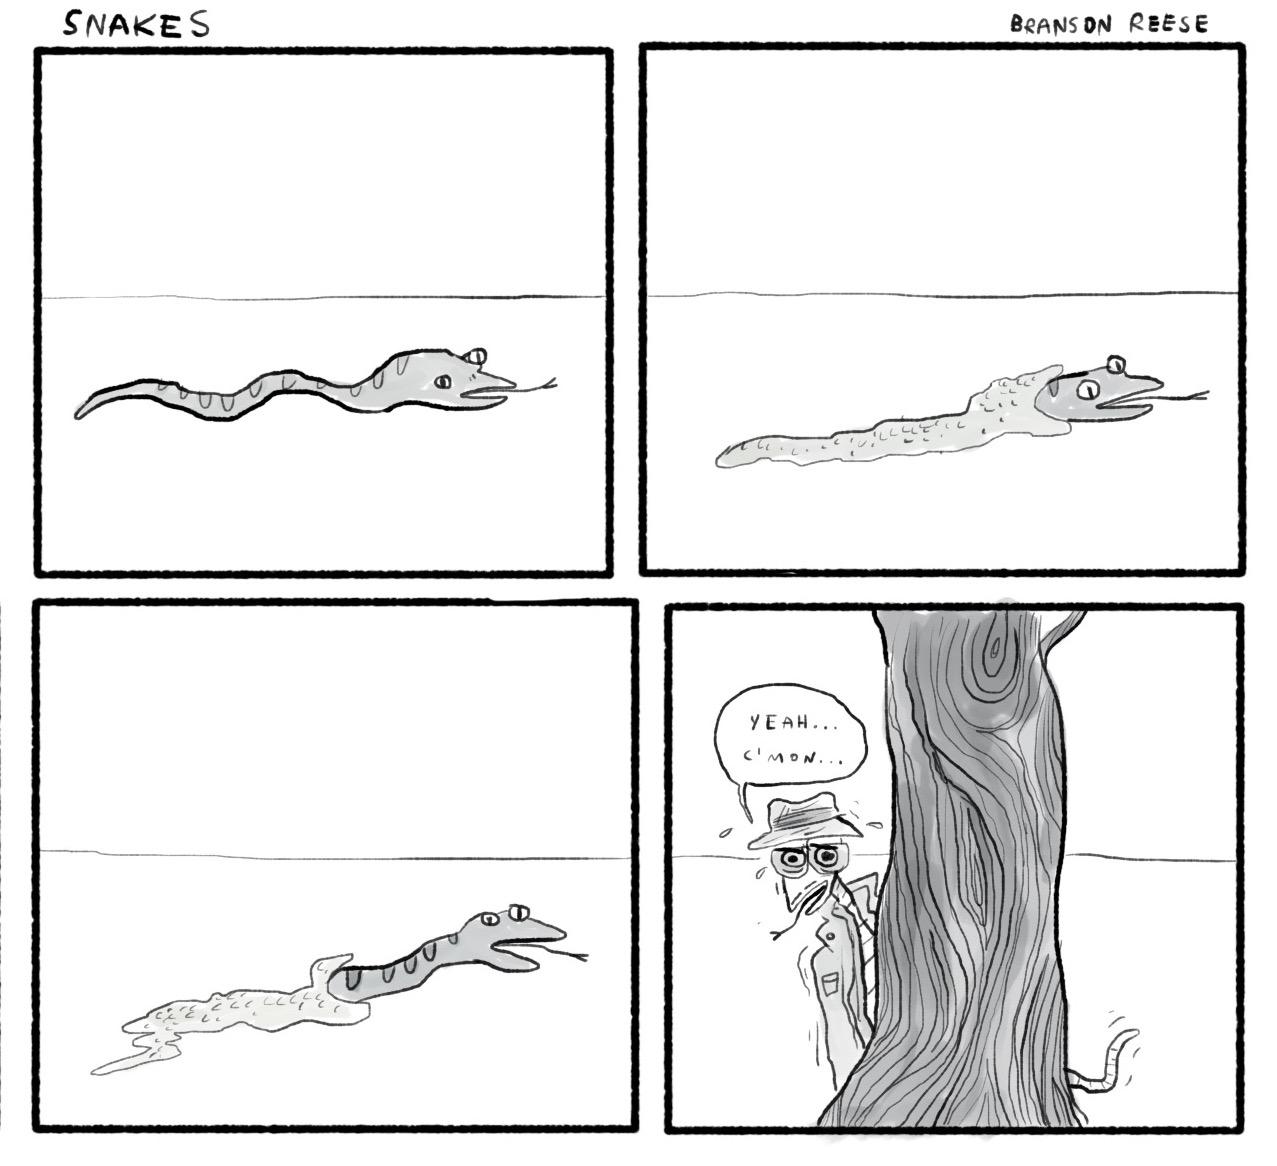 0024 snakes3.jpg